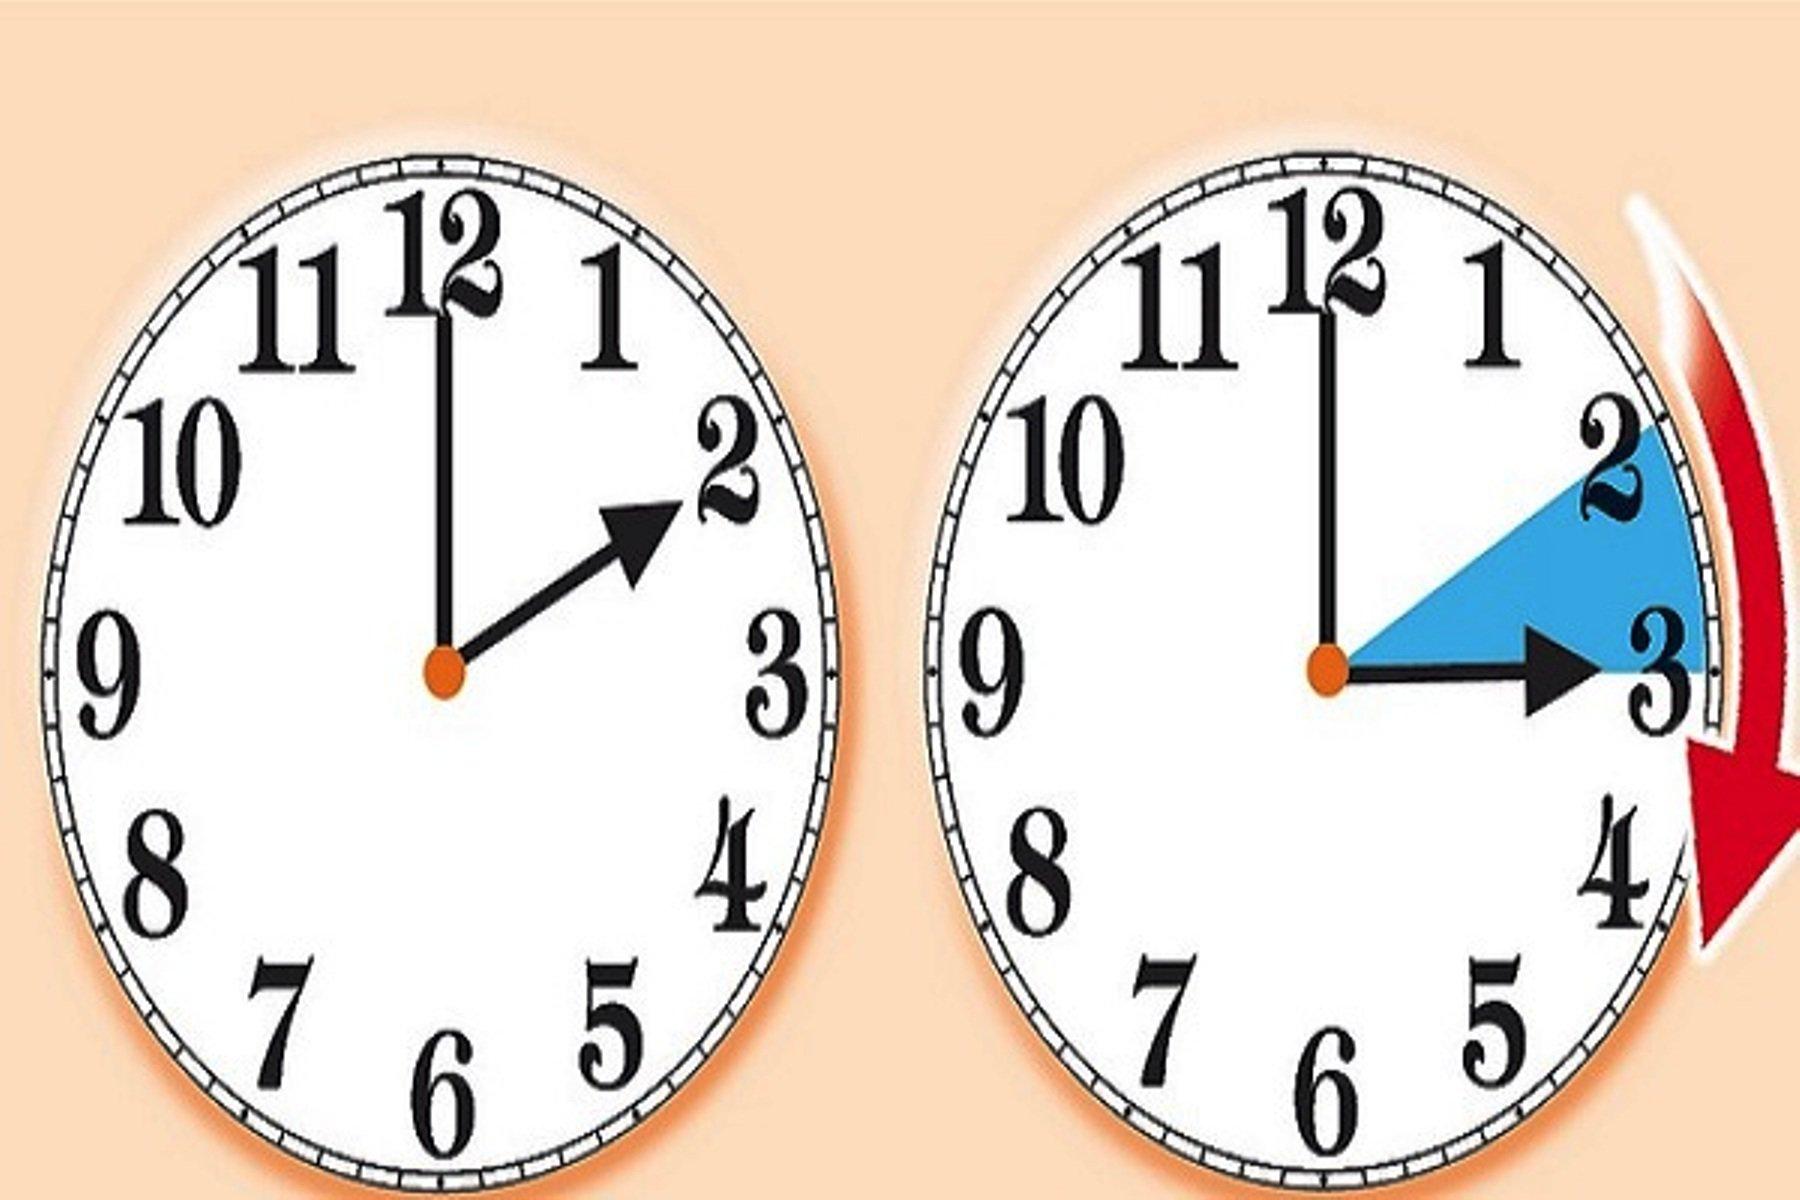 Domenica torna l'ora legale: lancette in avanti di un'ora